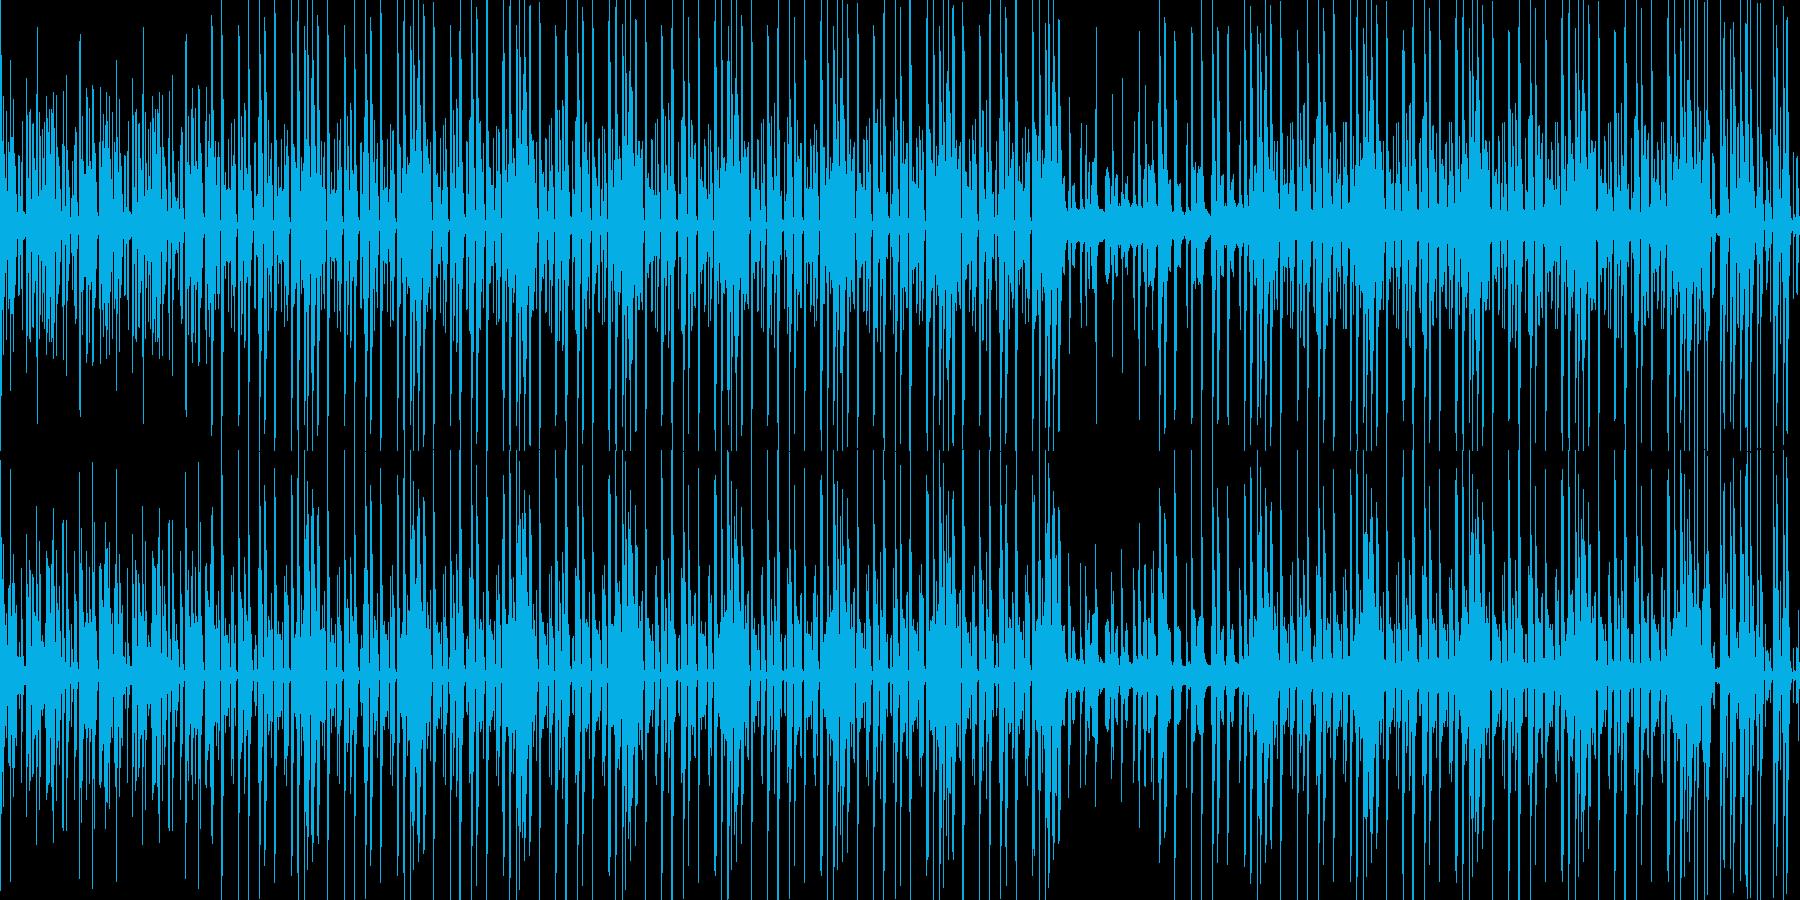 科学番組をイメージした静かな曲の再生済みの波形